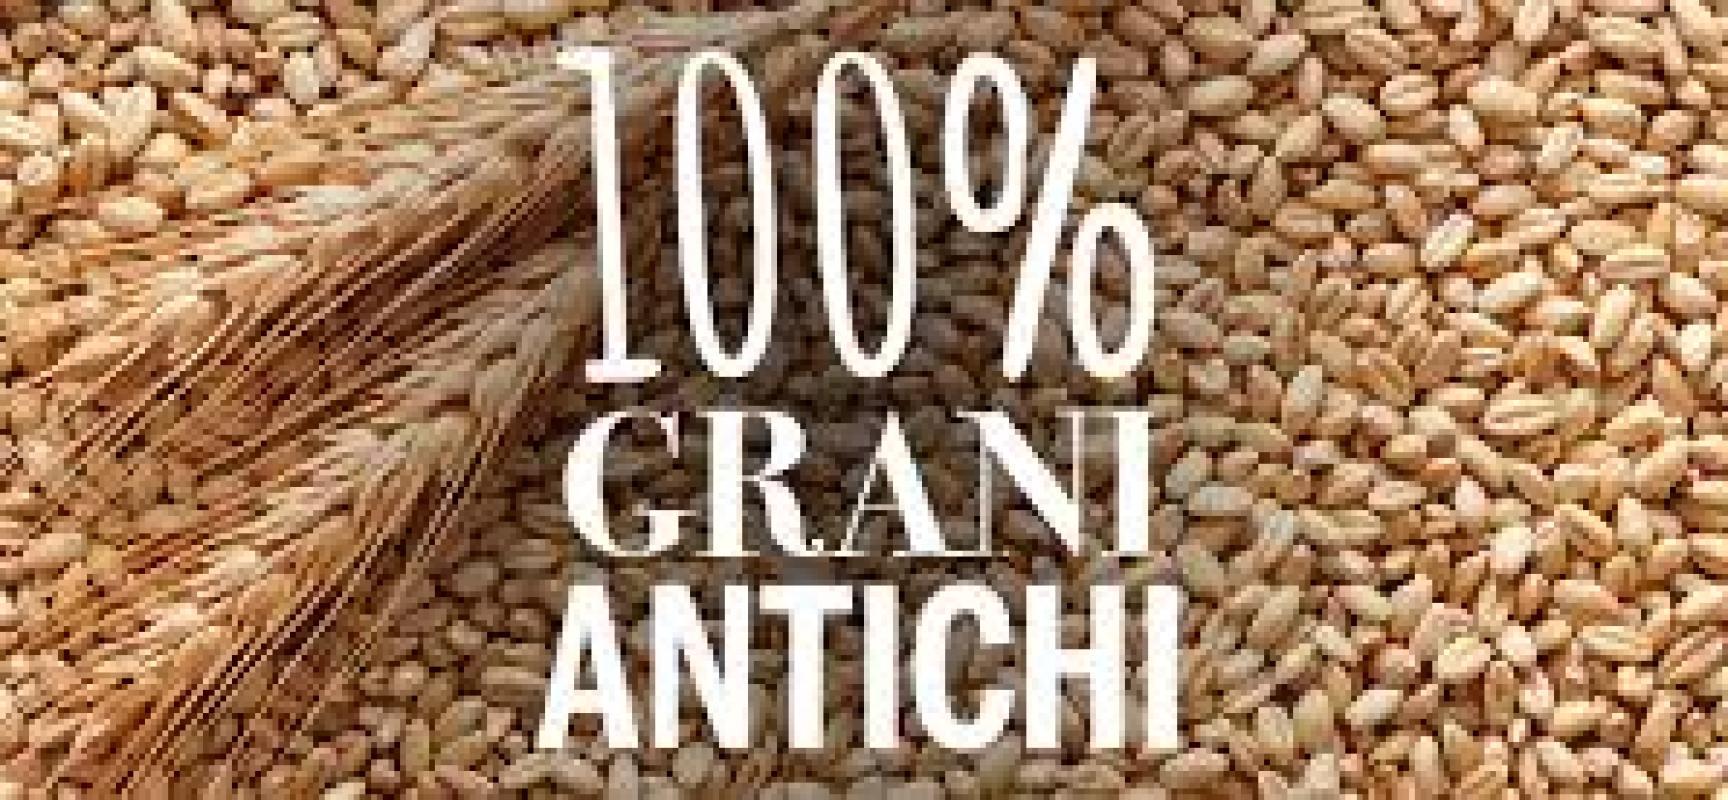 Il grano: quello antico, di appena ieri o quello modificato, industriale ?